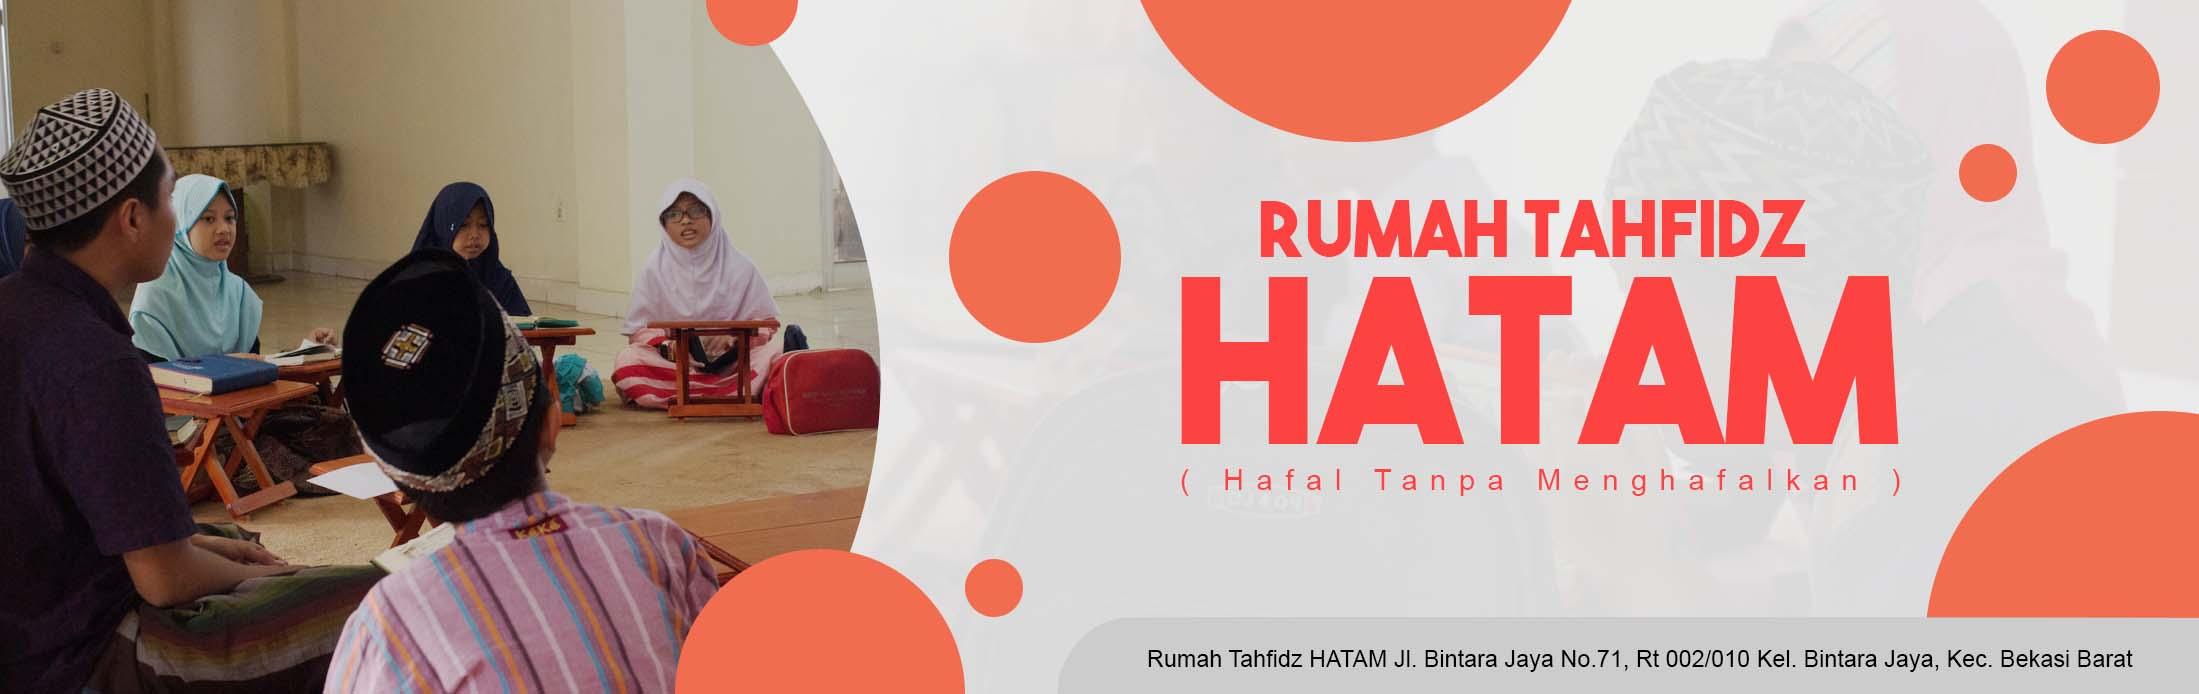 Rumah Tahfidz HATAM.org